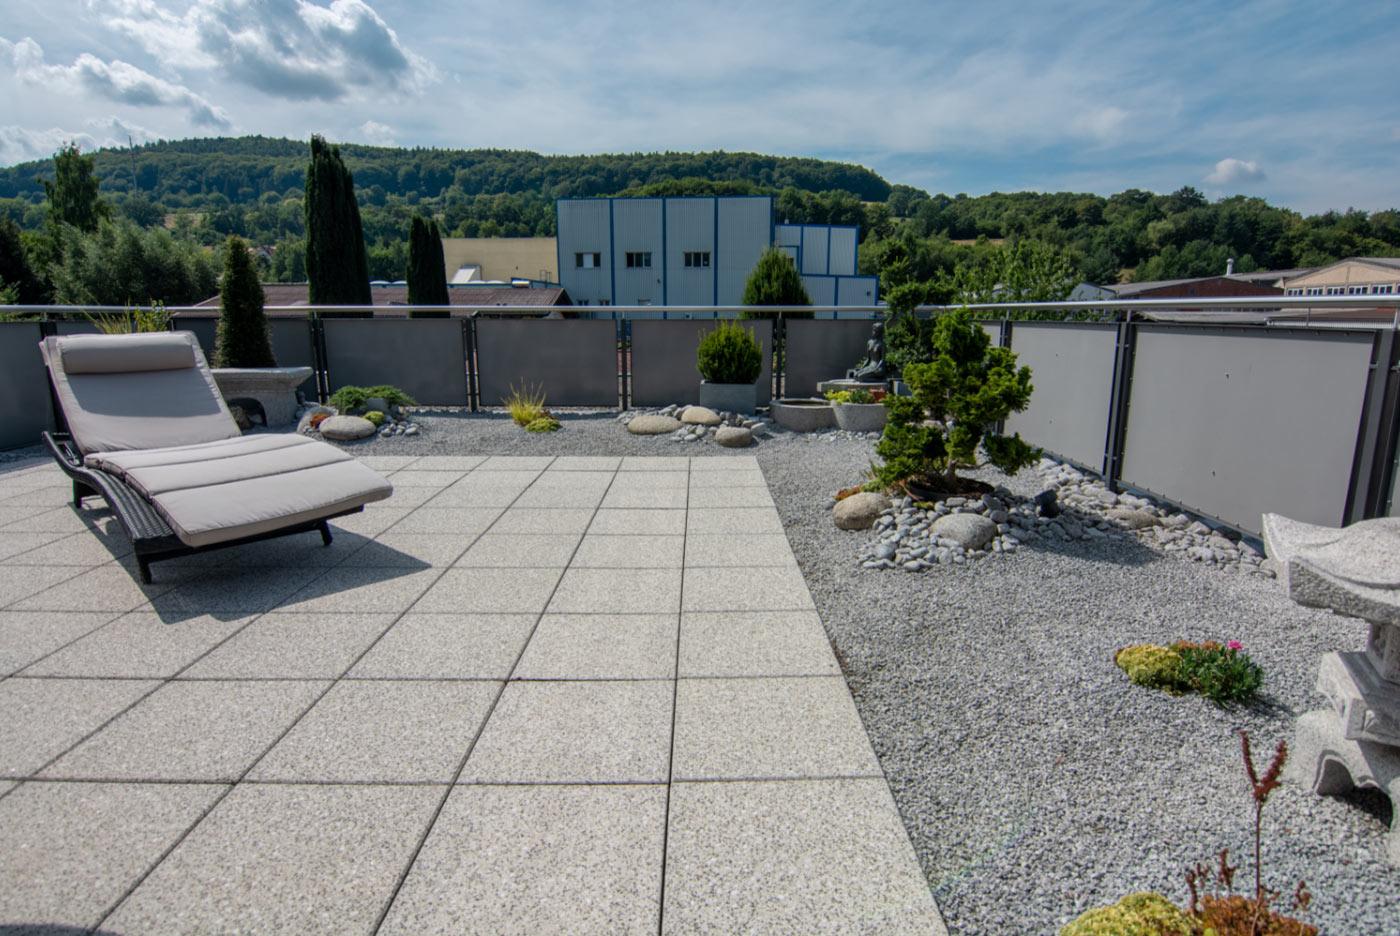 Pflasterbau, gehwegplatte, terrasse, balkon, gartenterrasse,